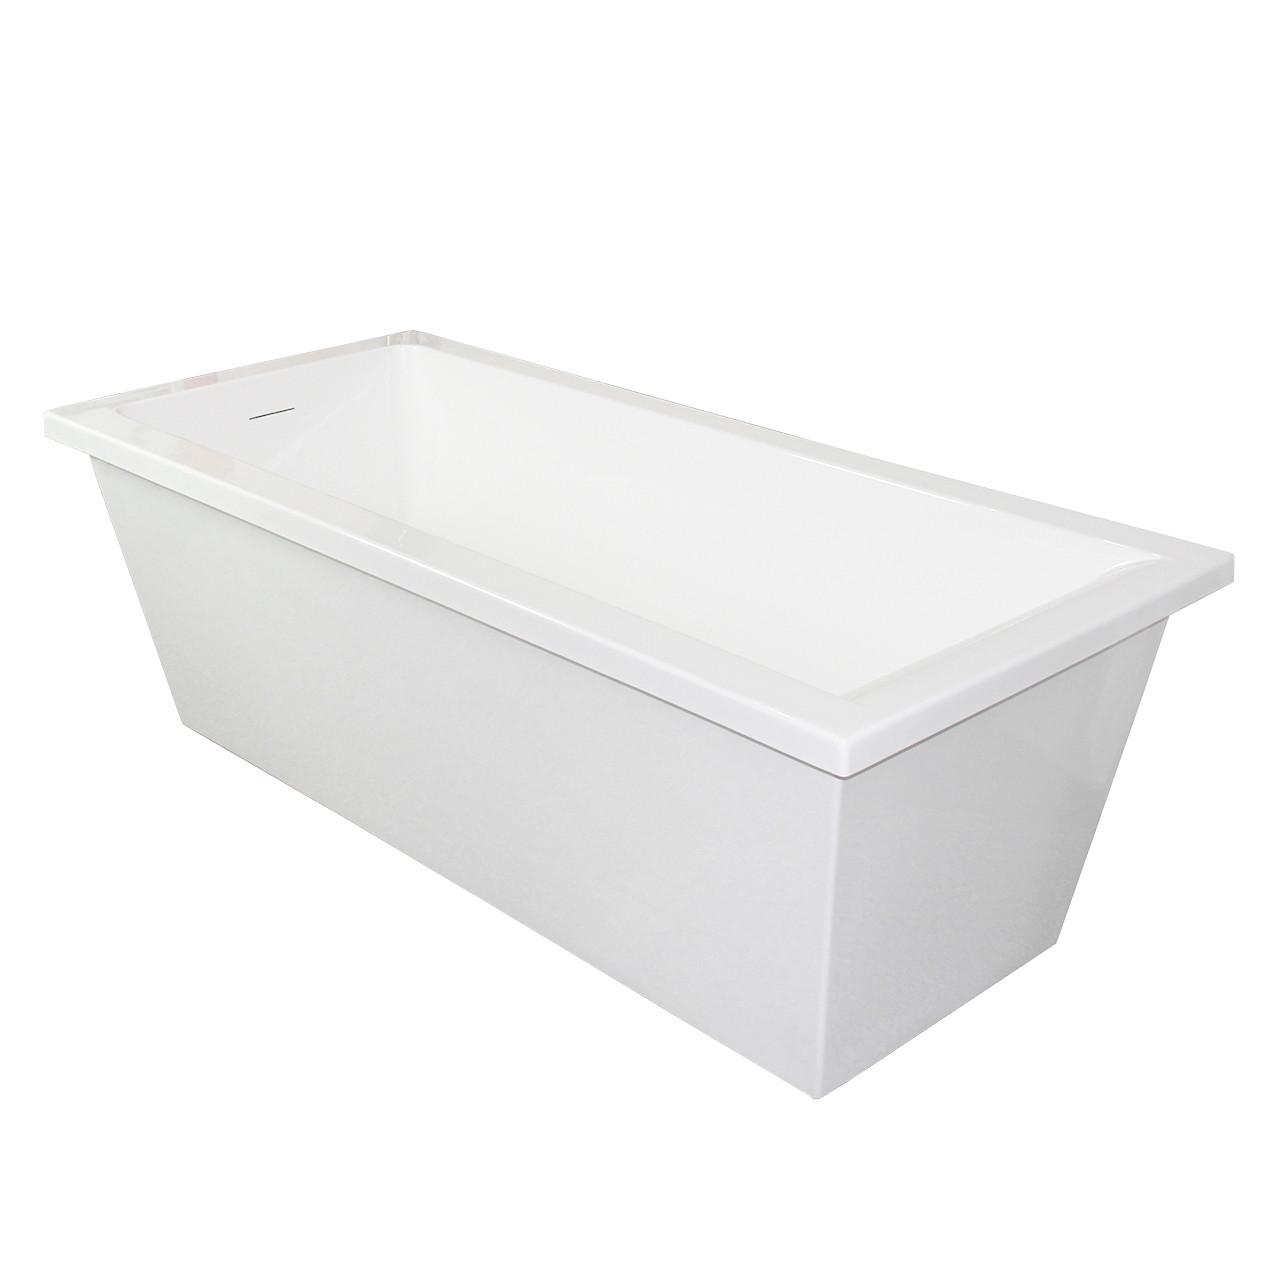 Ванна акриловая свободностоящая CRIMINAL 180х80х60